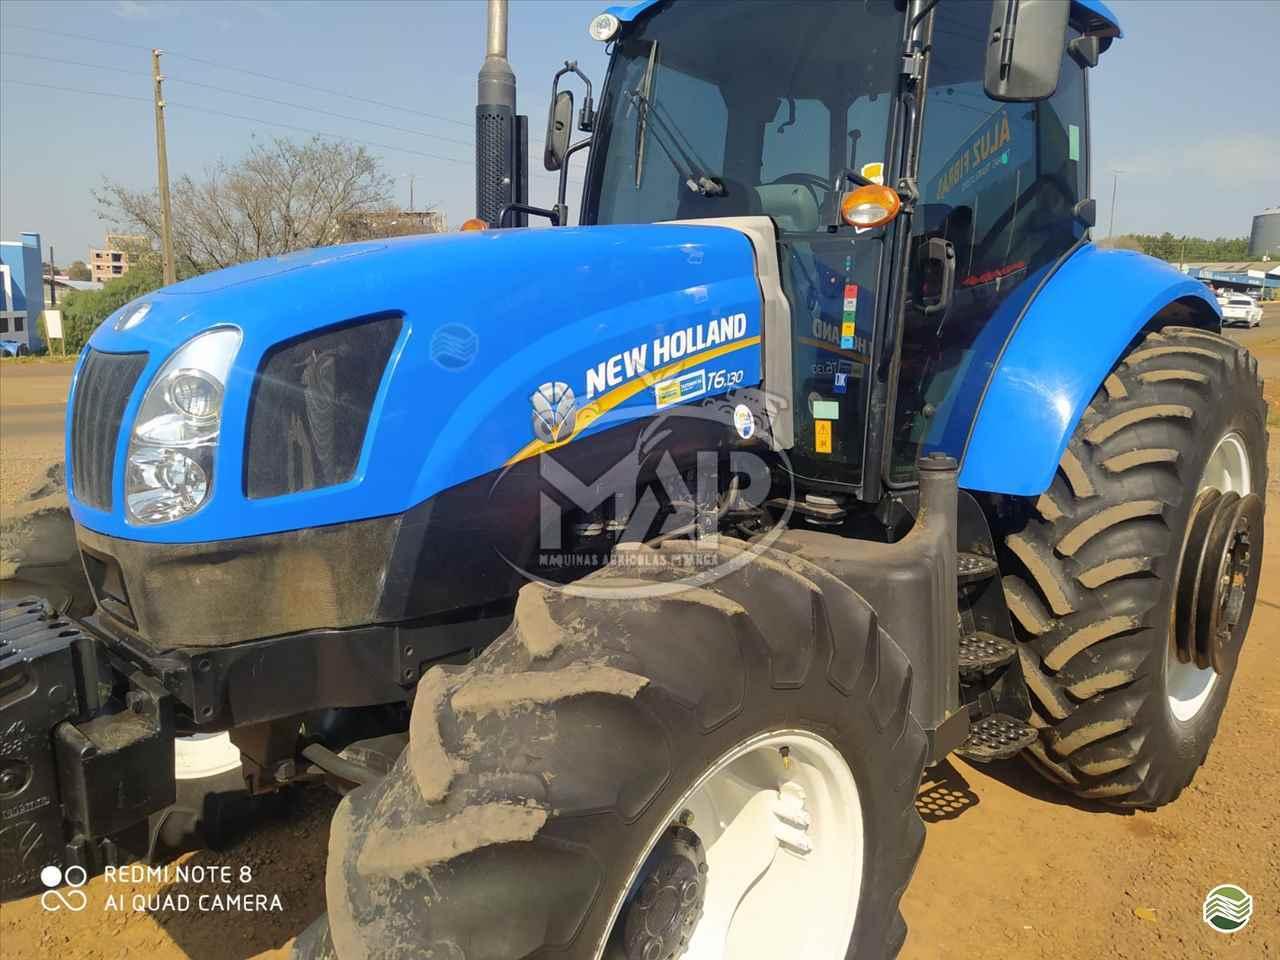 TRATOR NEW HOLLAND NEW T6 130 Tração 4x4 Máquinas Agrícolas Pitanga PITANGA PARANÁ PR